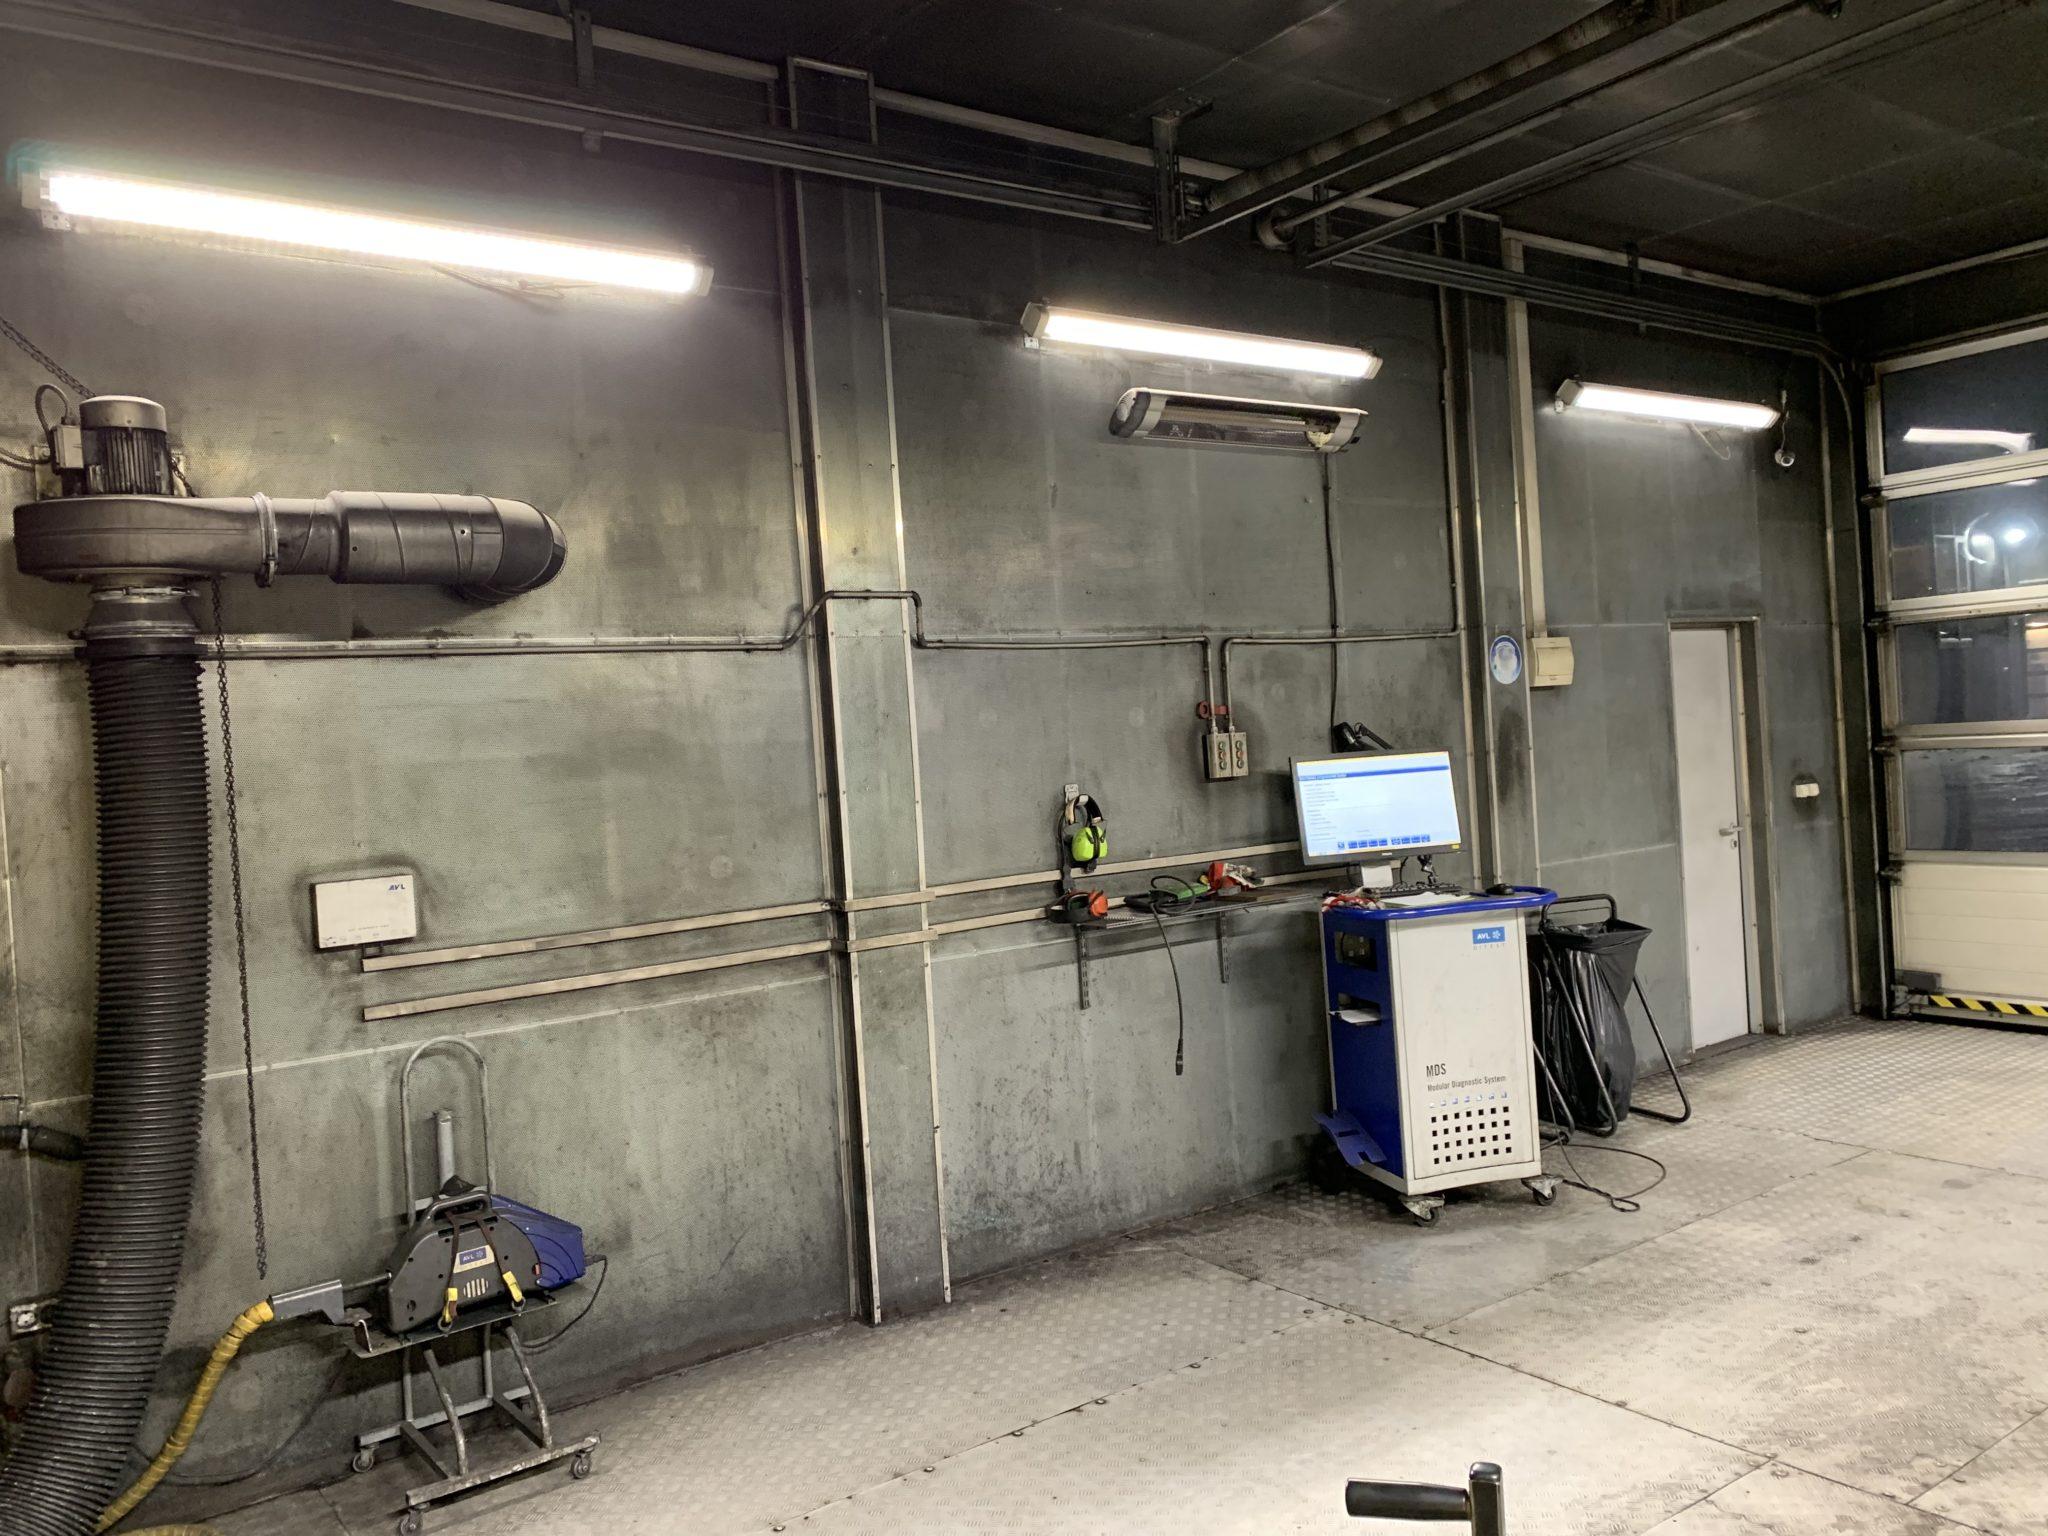 Philips Led luminaires iluminating car technical inspection station